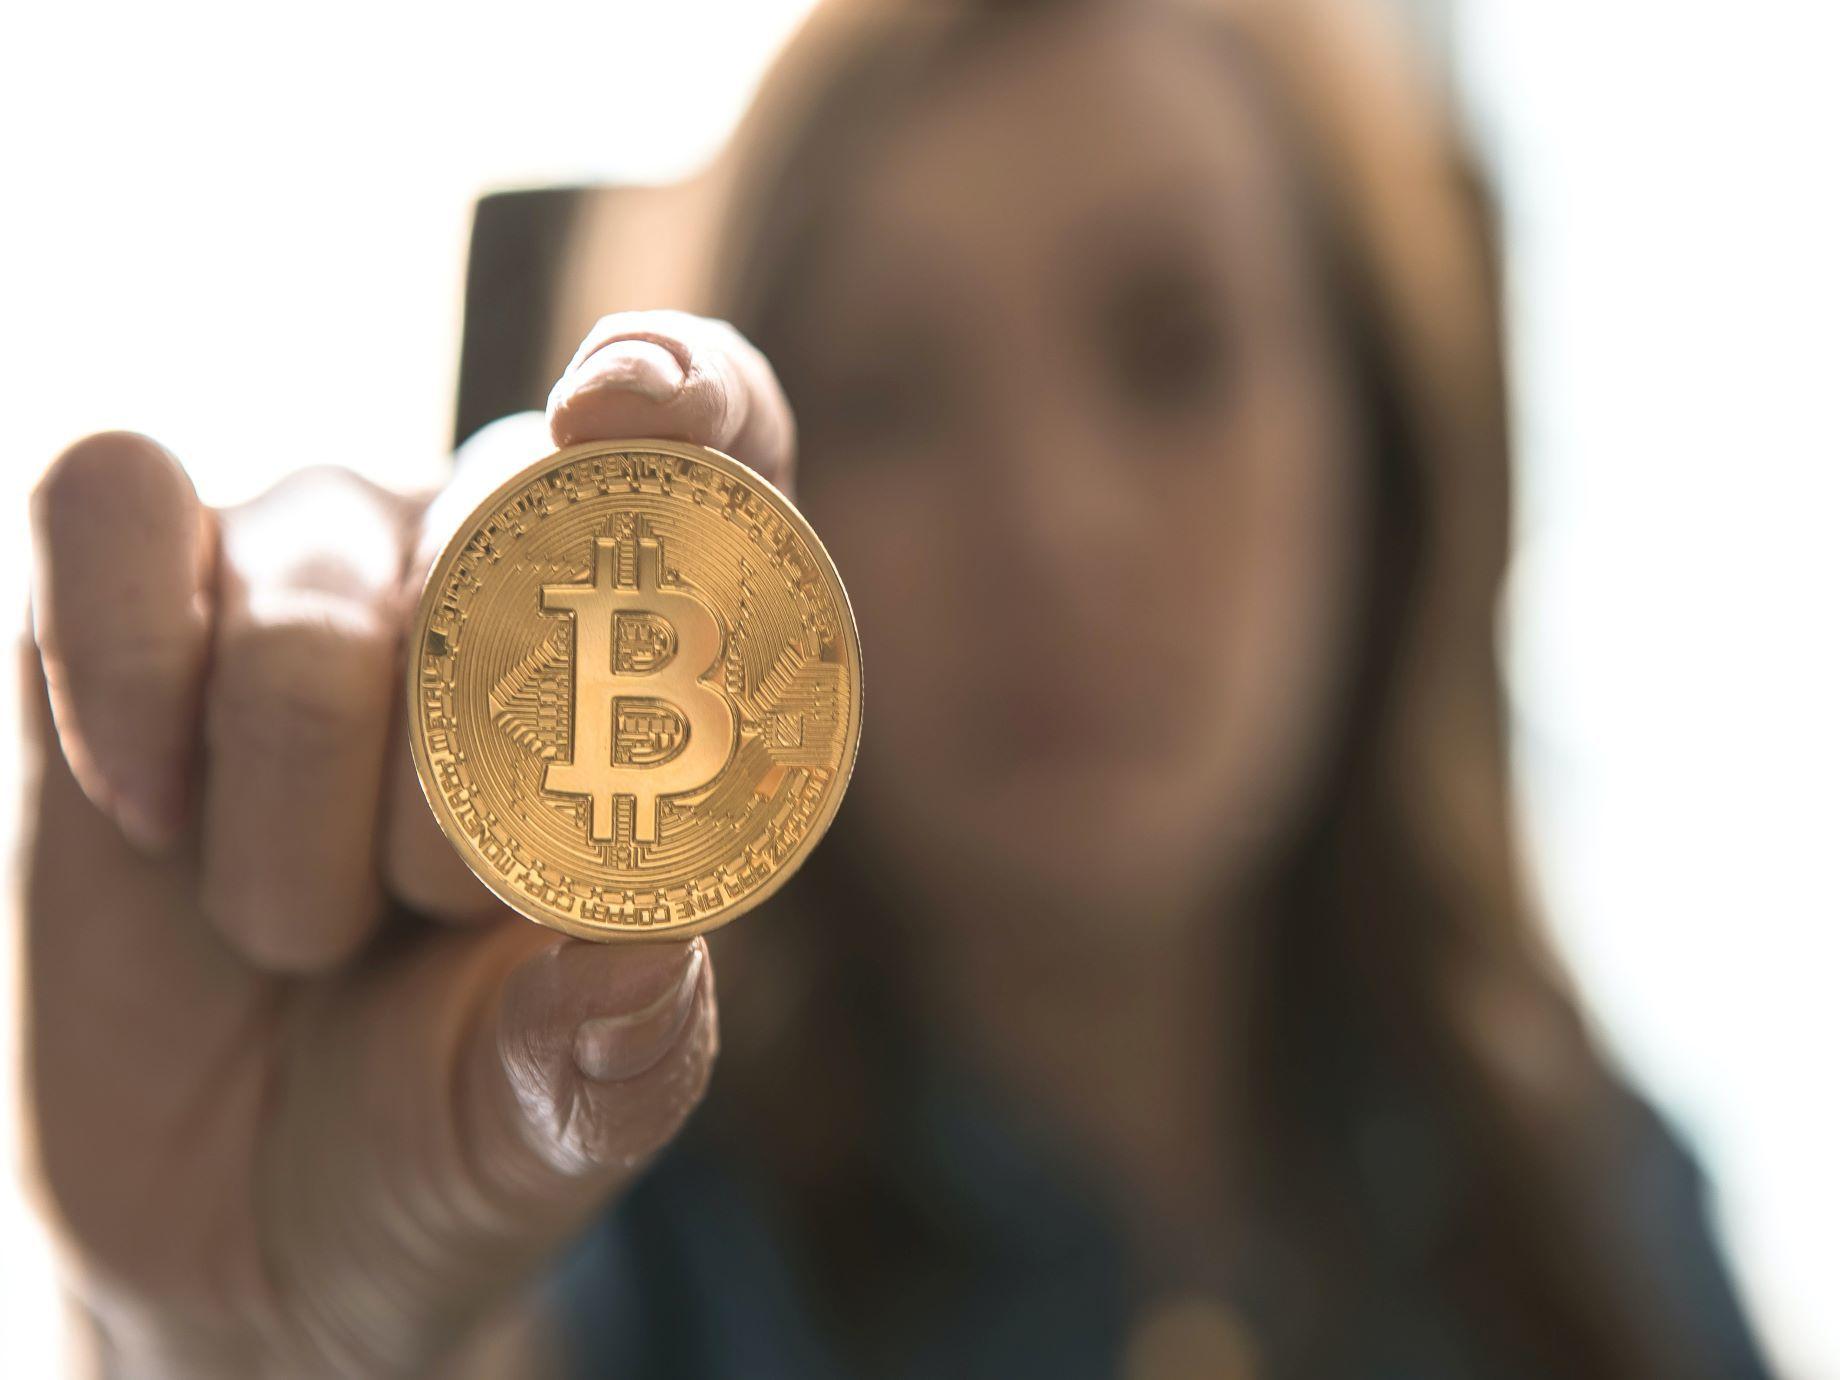 全世界都在瘋比特幣,但為什麼各國政府都怕它?原來背後原因有3個!